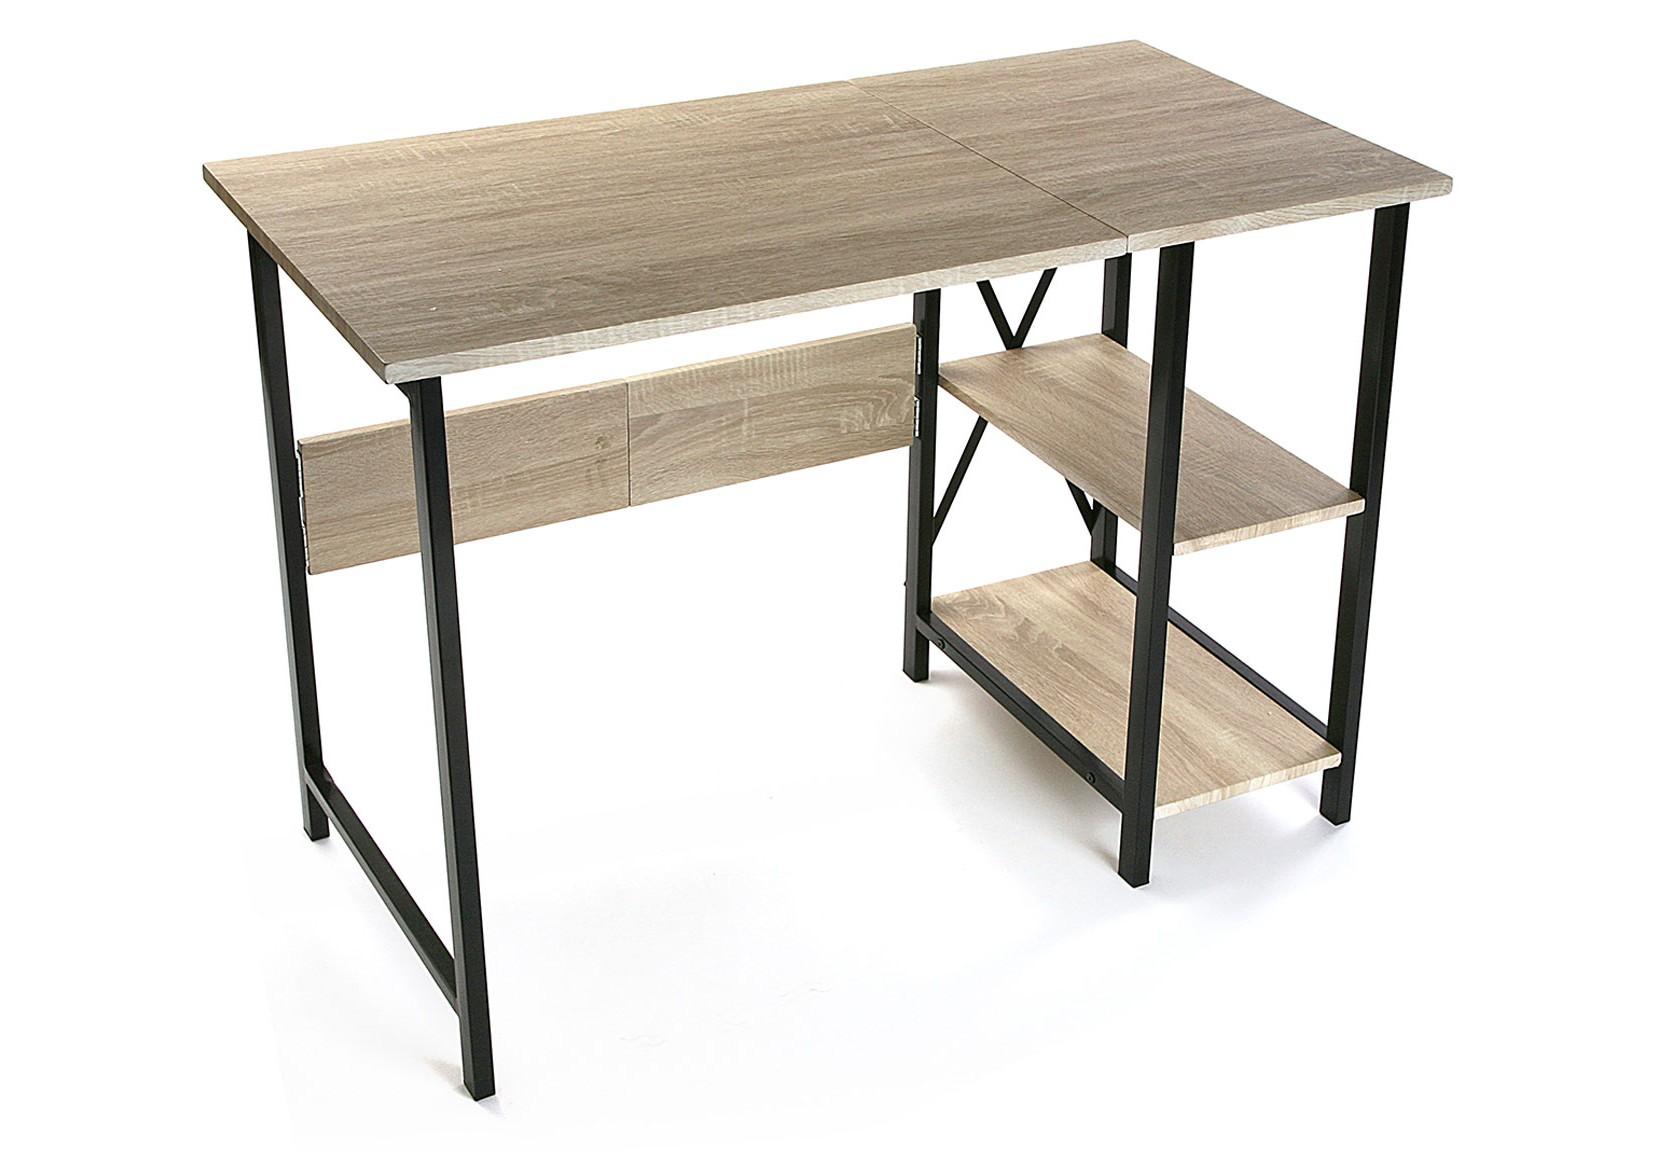 Стол EvertПисьменные столы<br><br><br>Material: Дерево<br>Ширина см: 75.0<br>Высота см: 108.5<br>Глубина см: 55.0